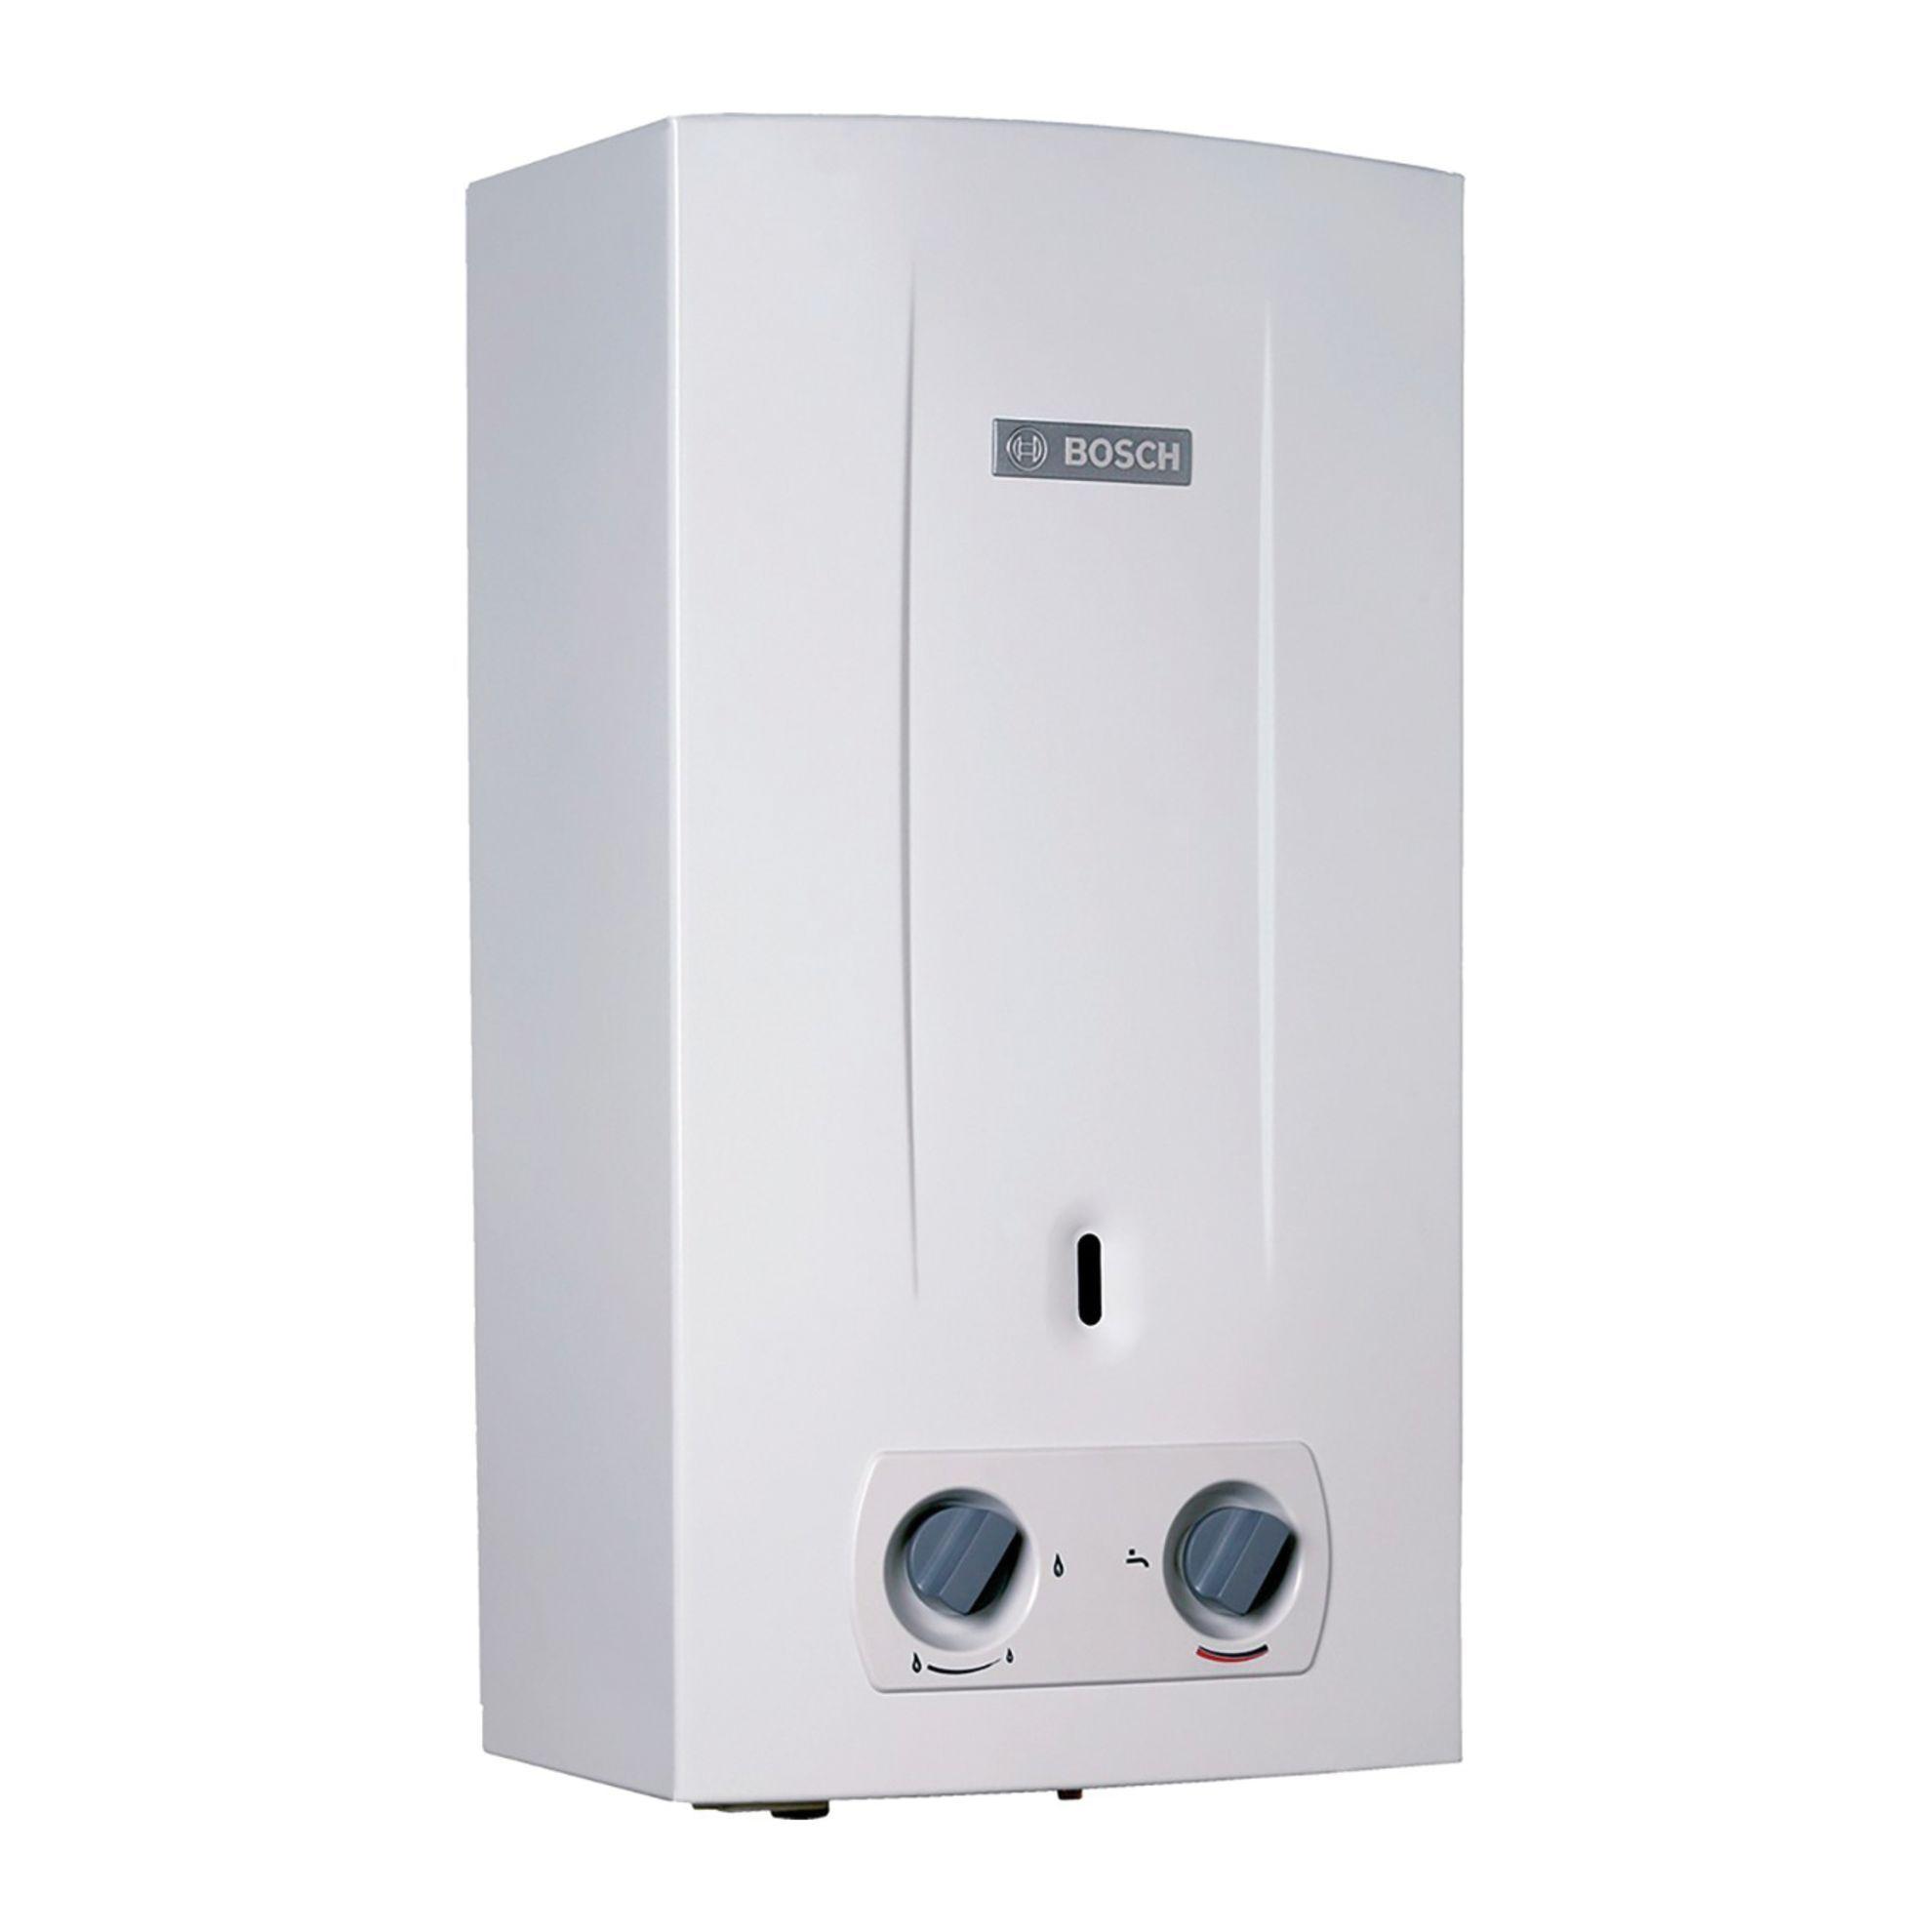 Scaldabagno A Gas Bosch Therm T2200 13 31 Gpl Prezzi E Offerte Online Leroy Merlin Locker Storage Bosch Cuboid